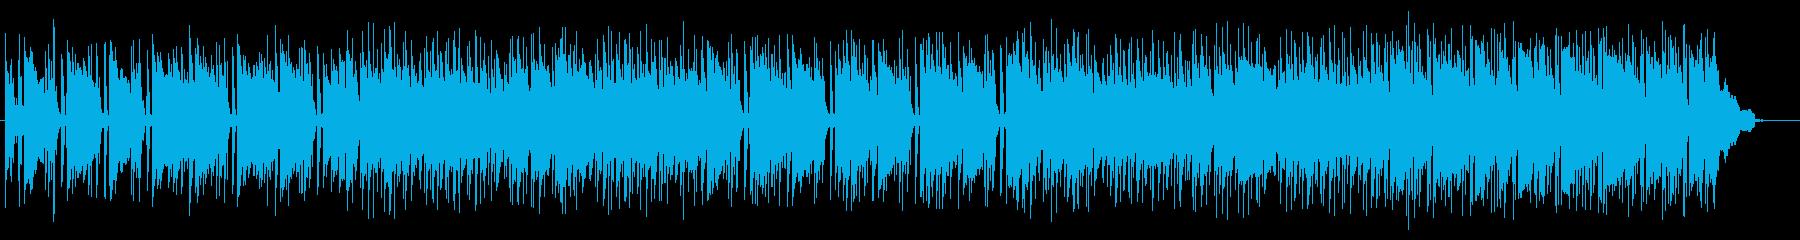 穏やかなアコースティックギターサウンドの再生済みの波形